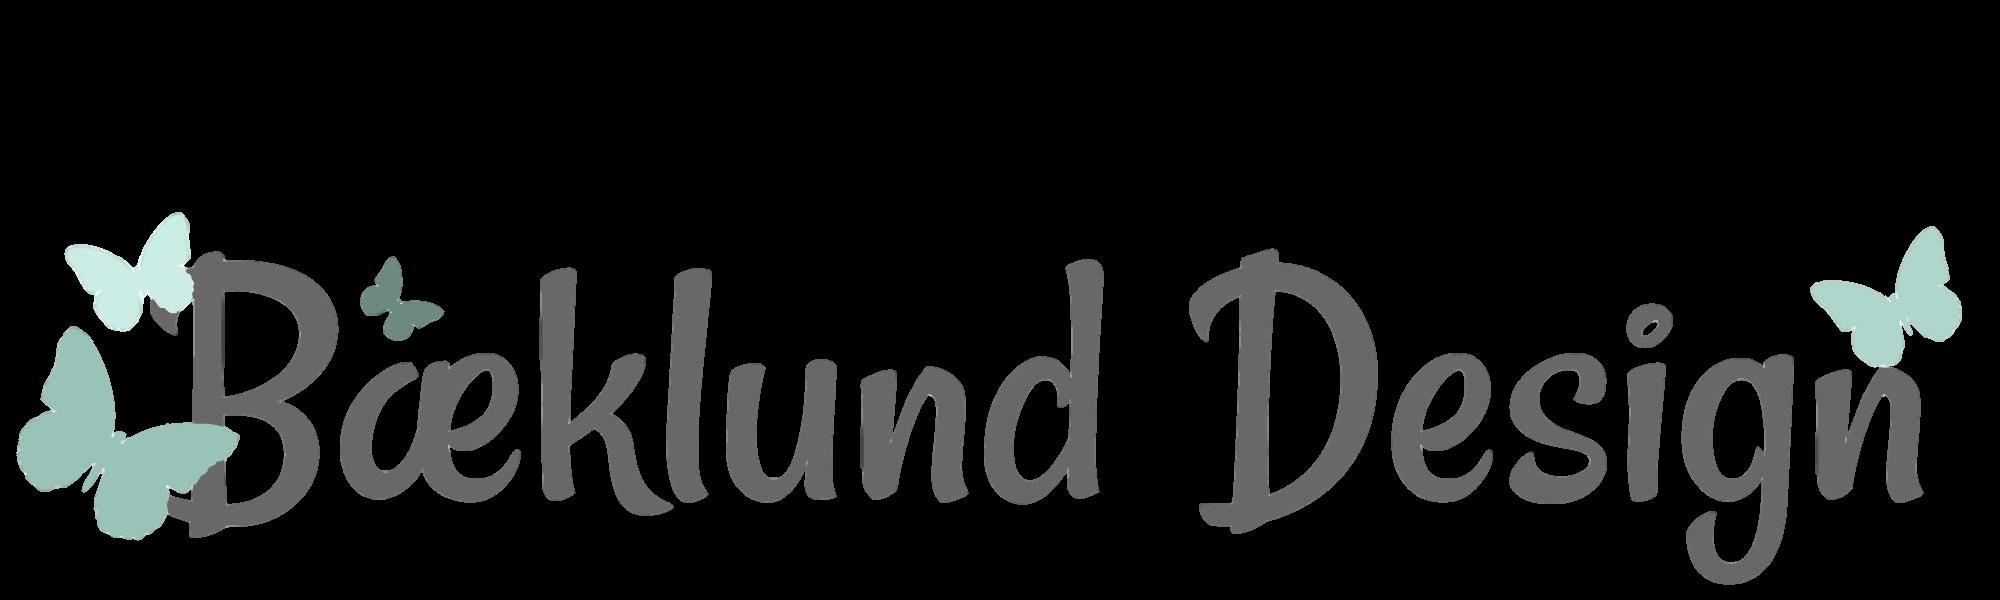 Bæklund Design ApS